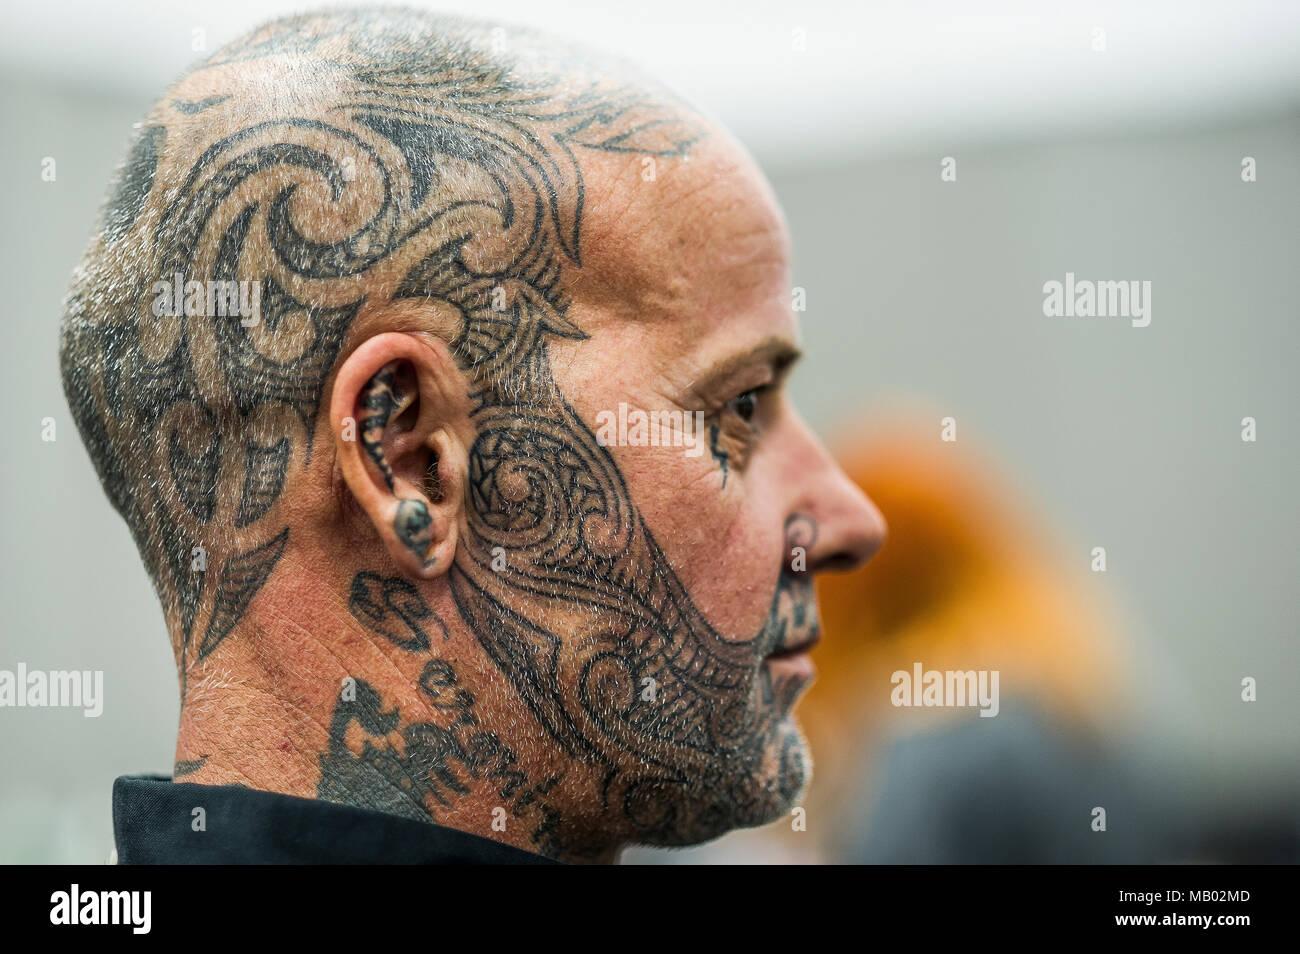 Un Hombre Con Un Tatuado En El Rostro Y En La Cabeza En El Cornwall